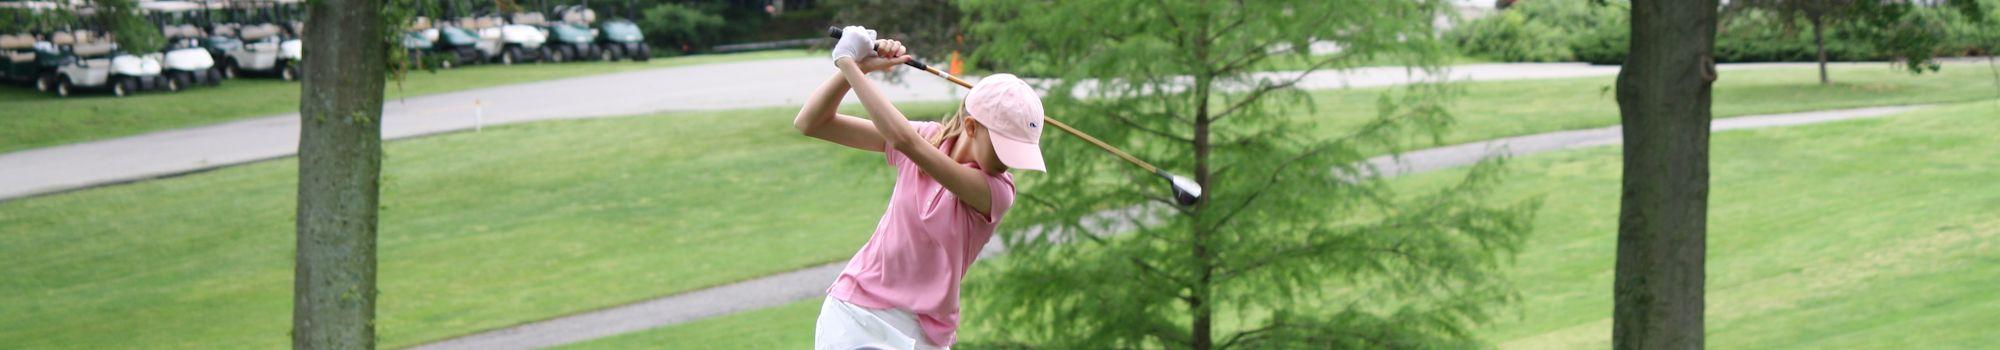 junior-golf-stl2